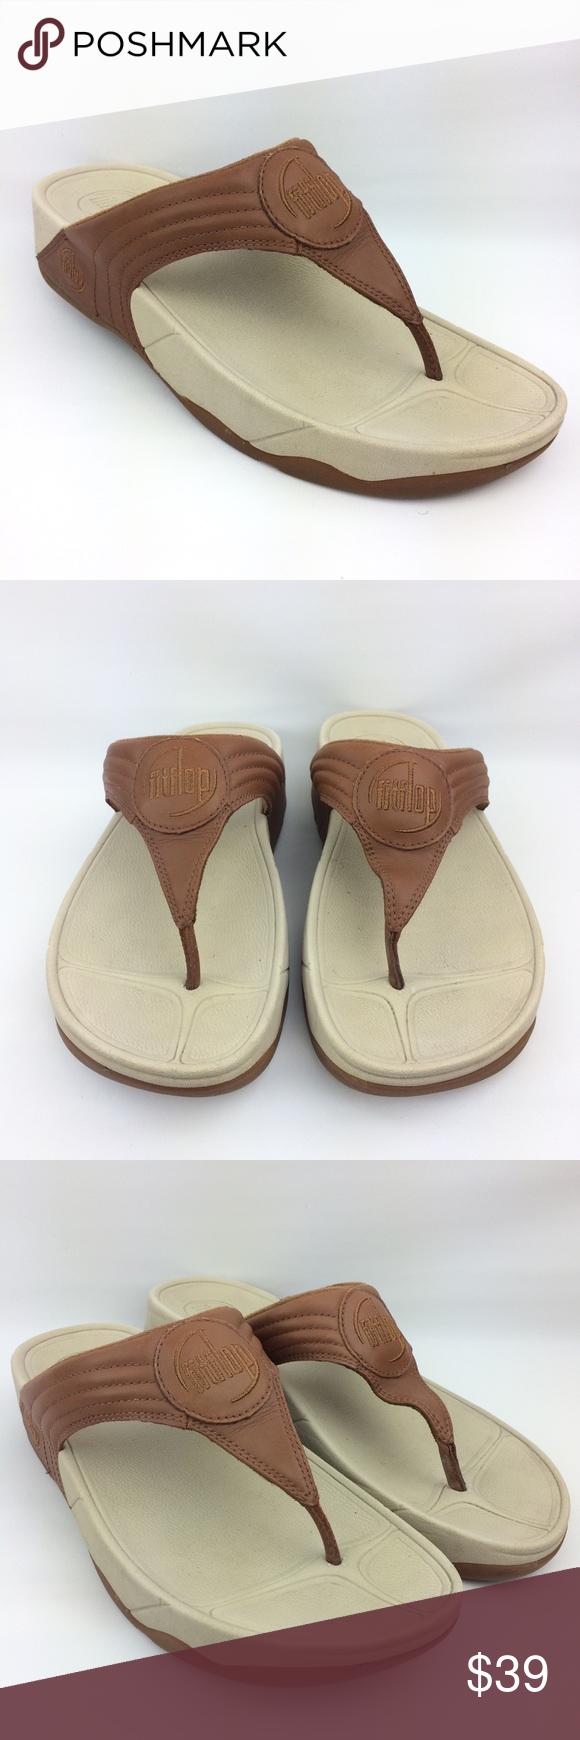 391a6ec9fe79bb FitFlop sandals wobble board tan brown size 7 FitFlop sandals wobble board  tan brown size 7 Fitflop Shoes Sandals